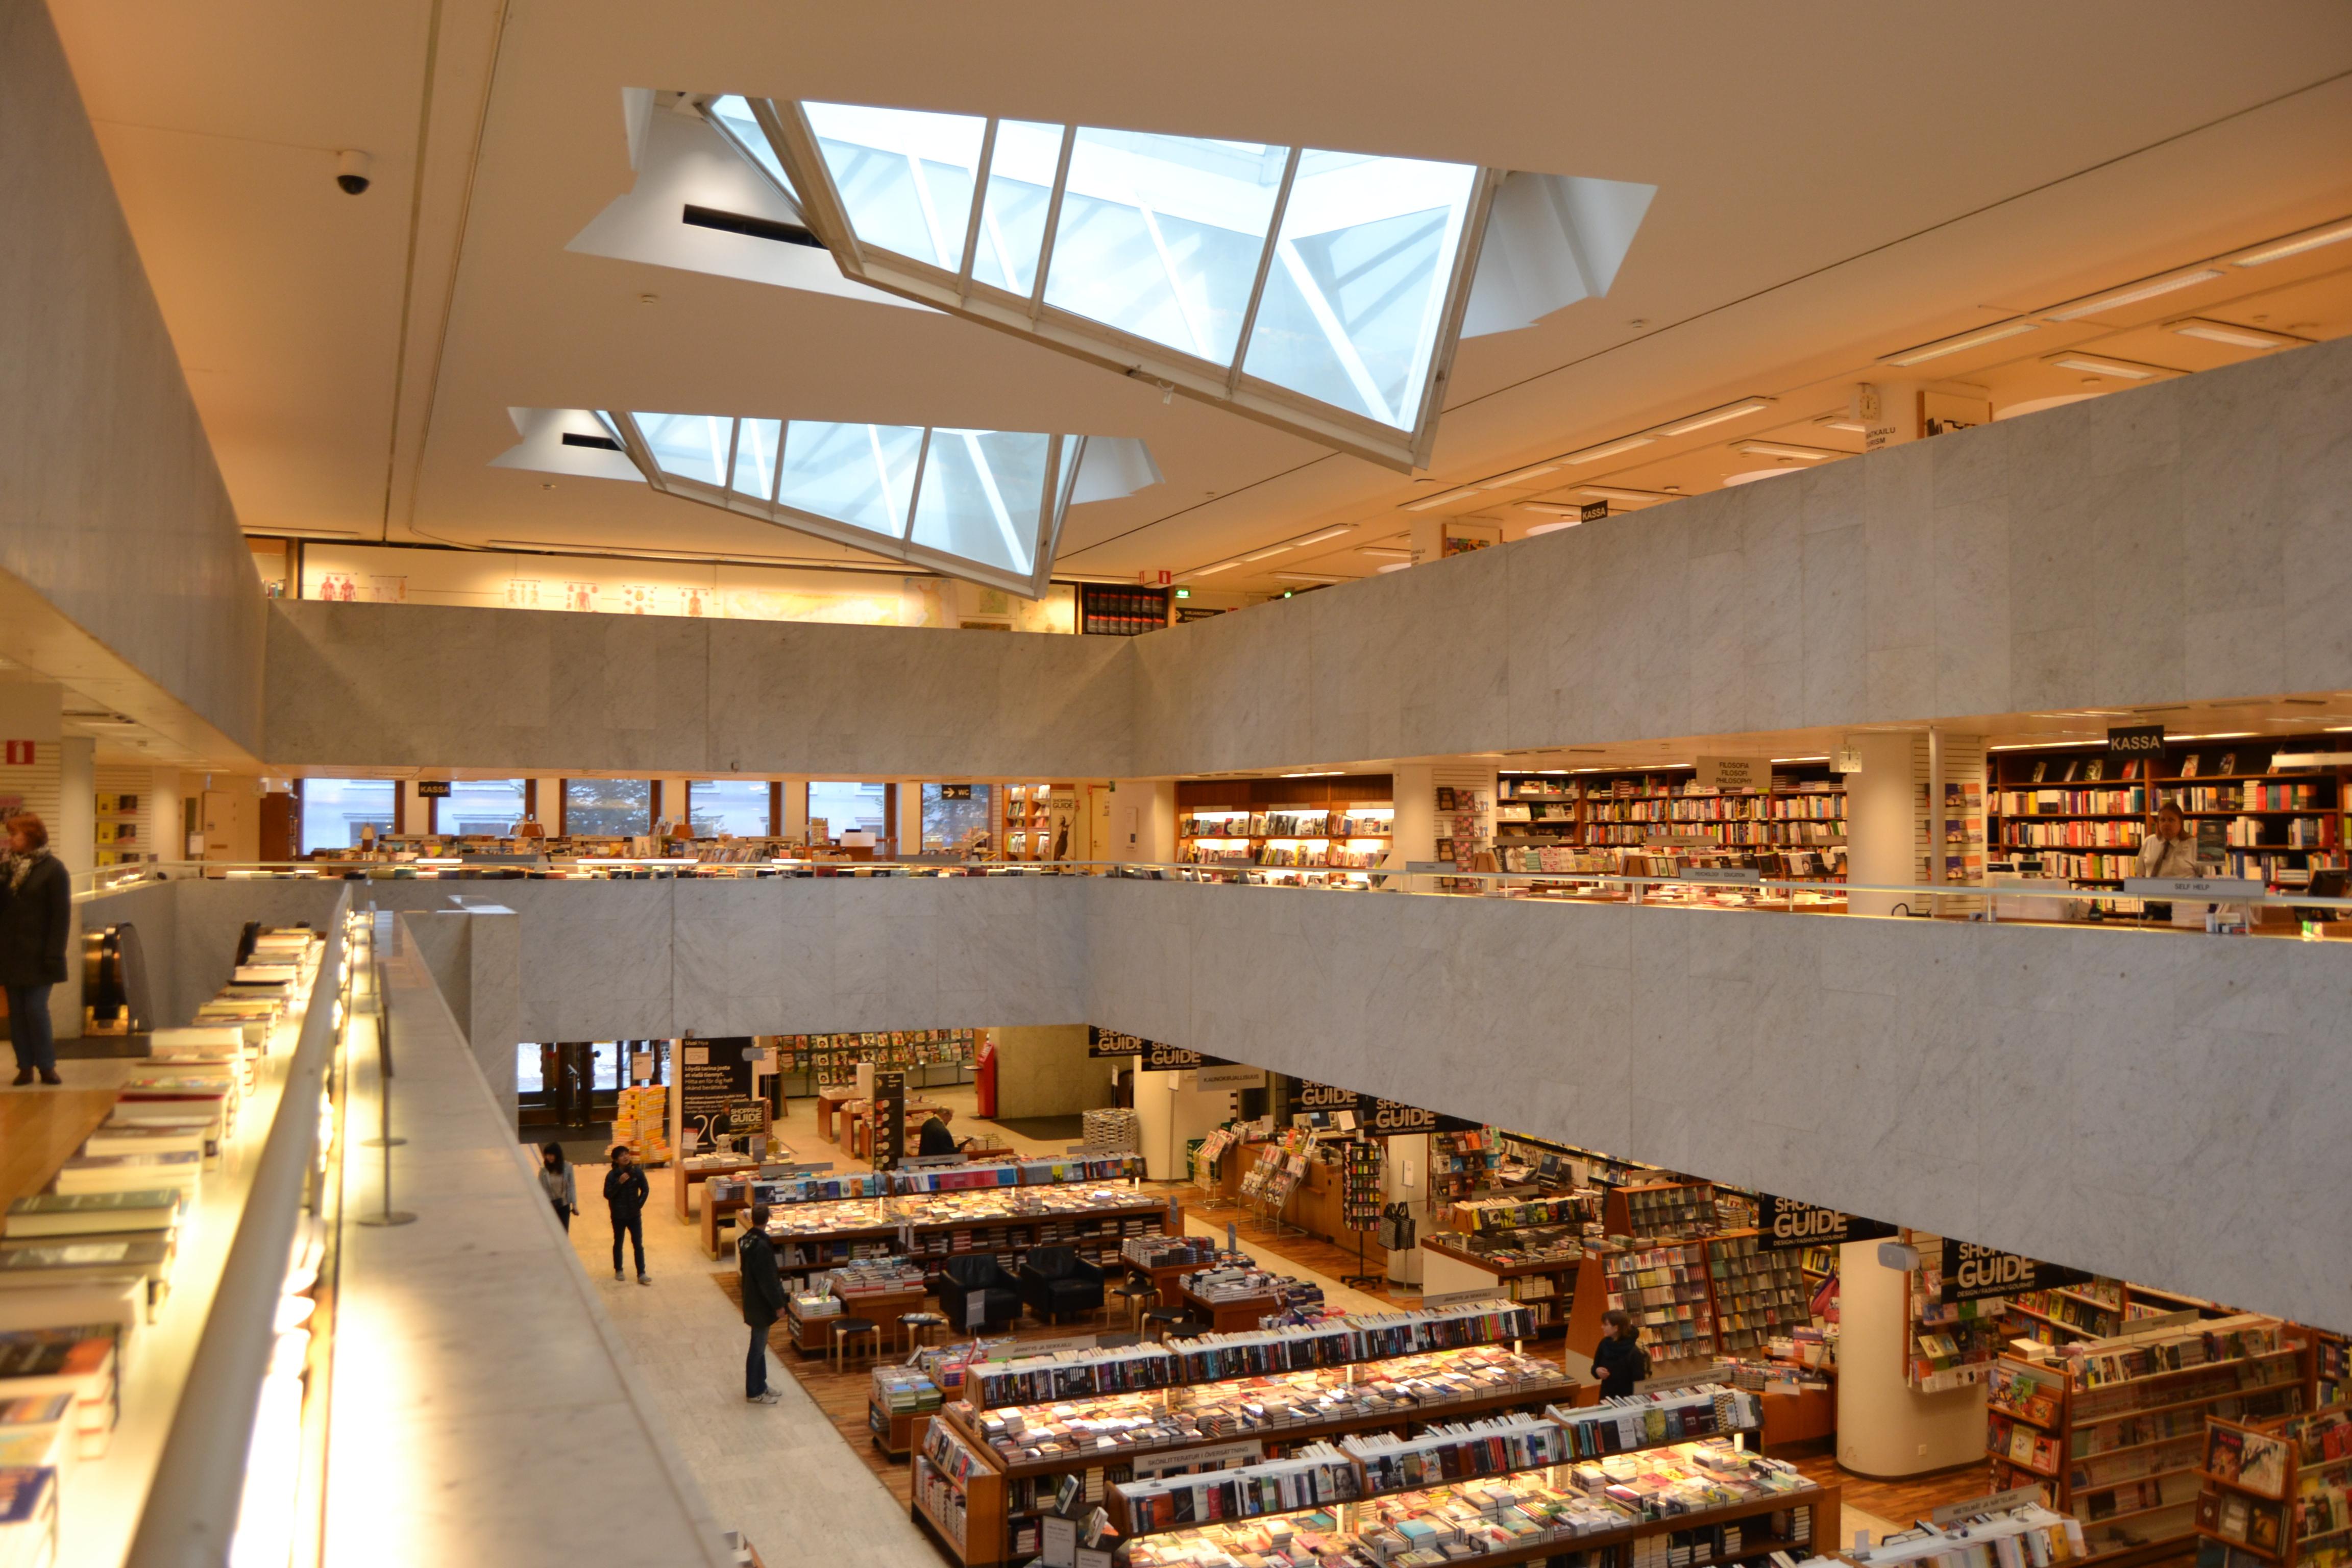 En detalle alvar aalto de cerca blogarq for Libreria universitaria